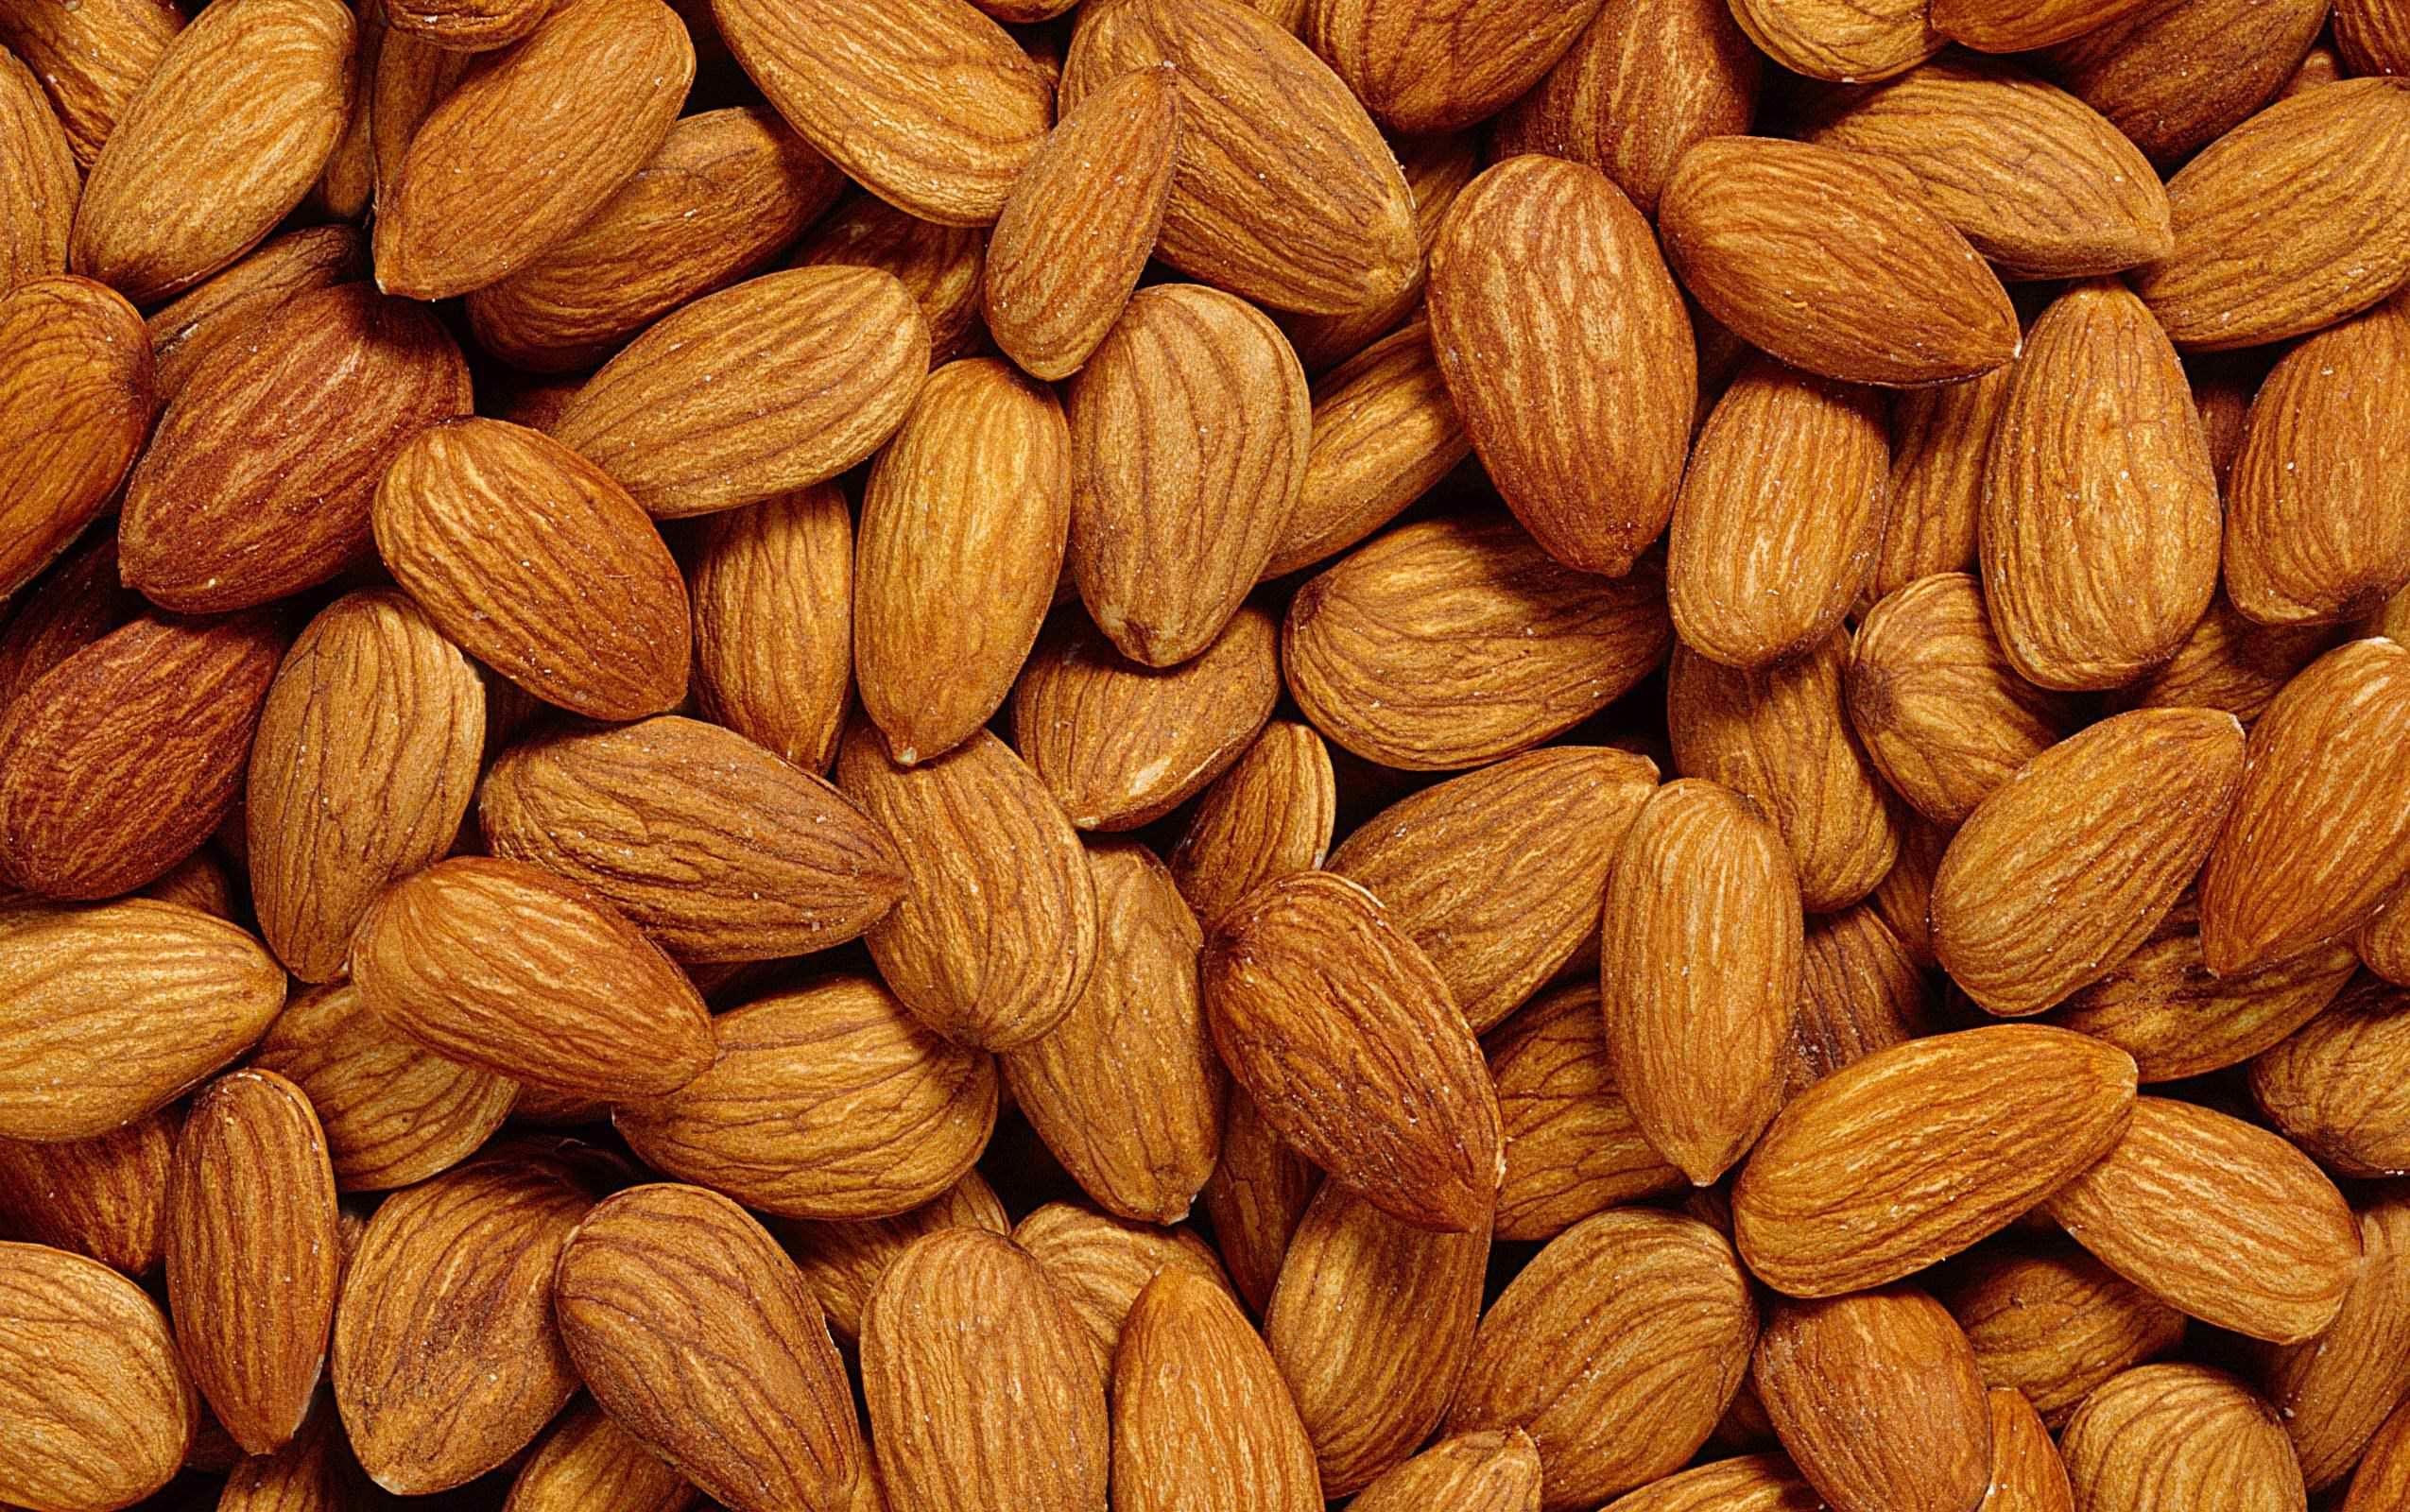 Superalimentos a la carta: las almendras y sus 5 beneficios